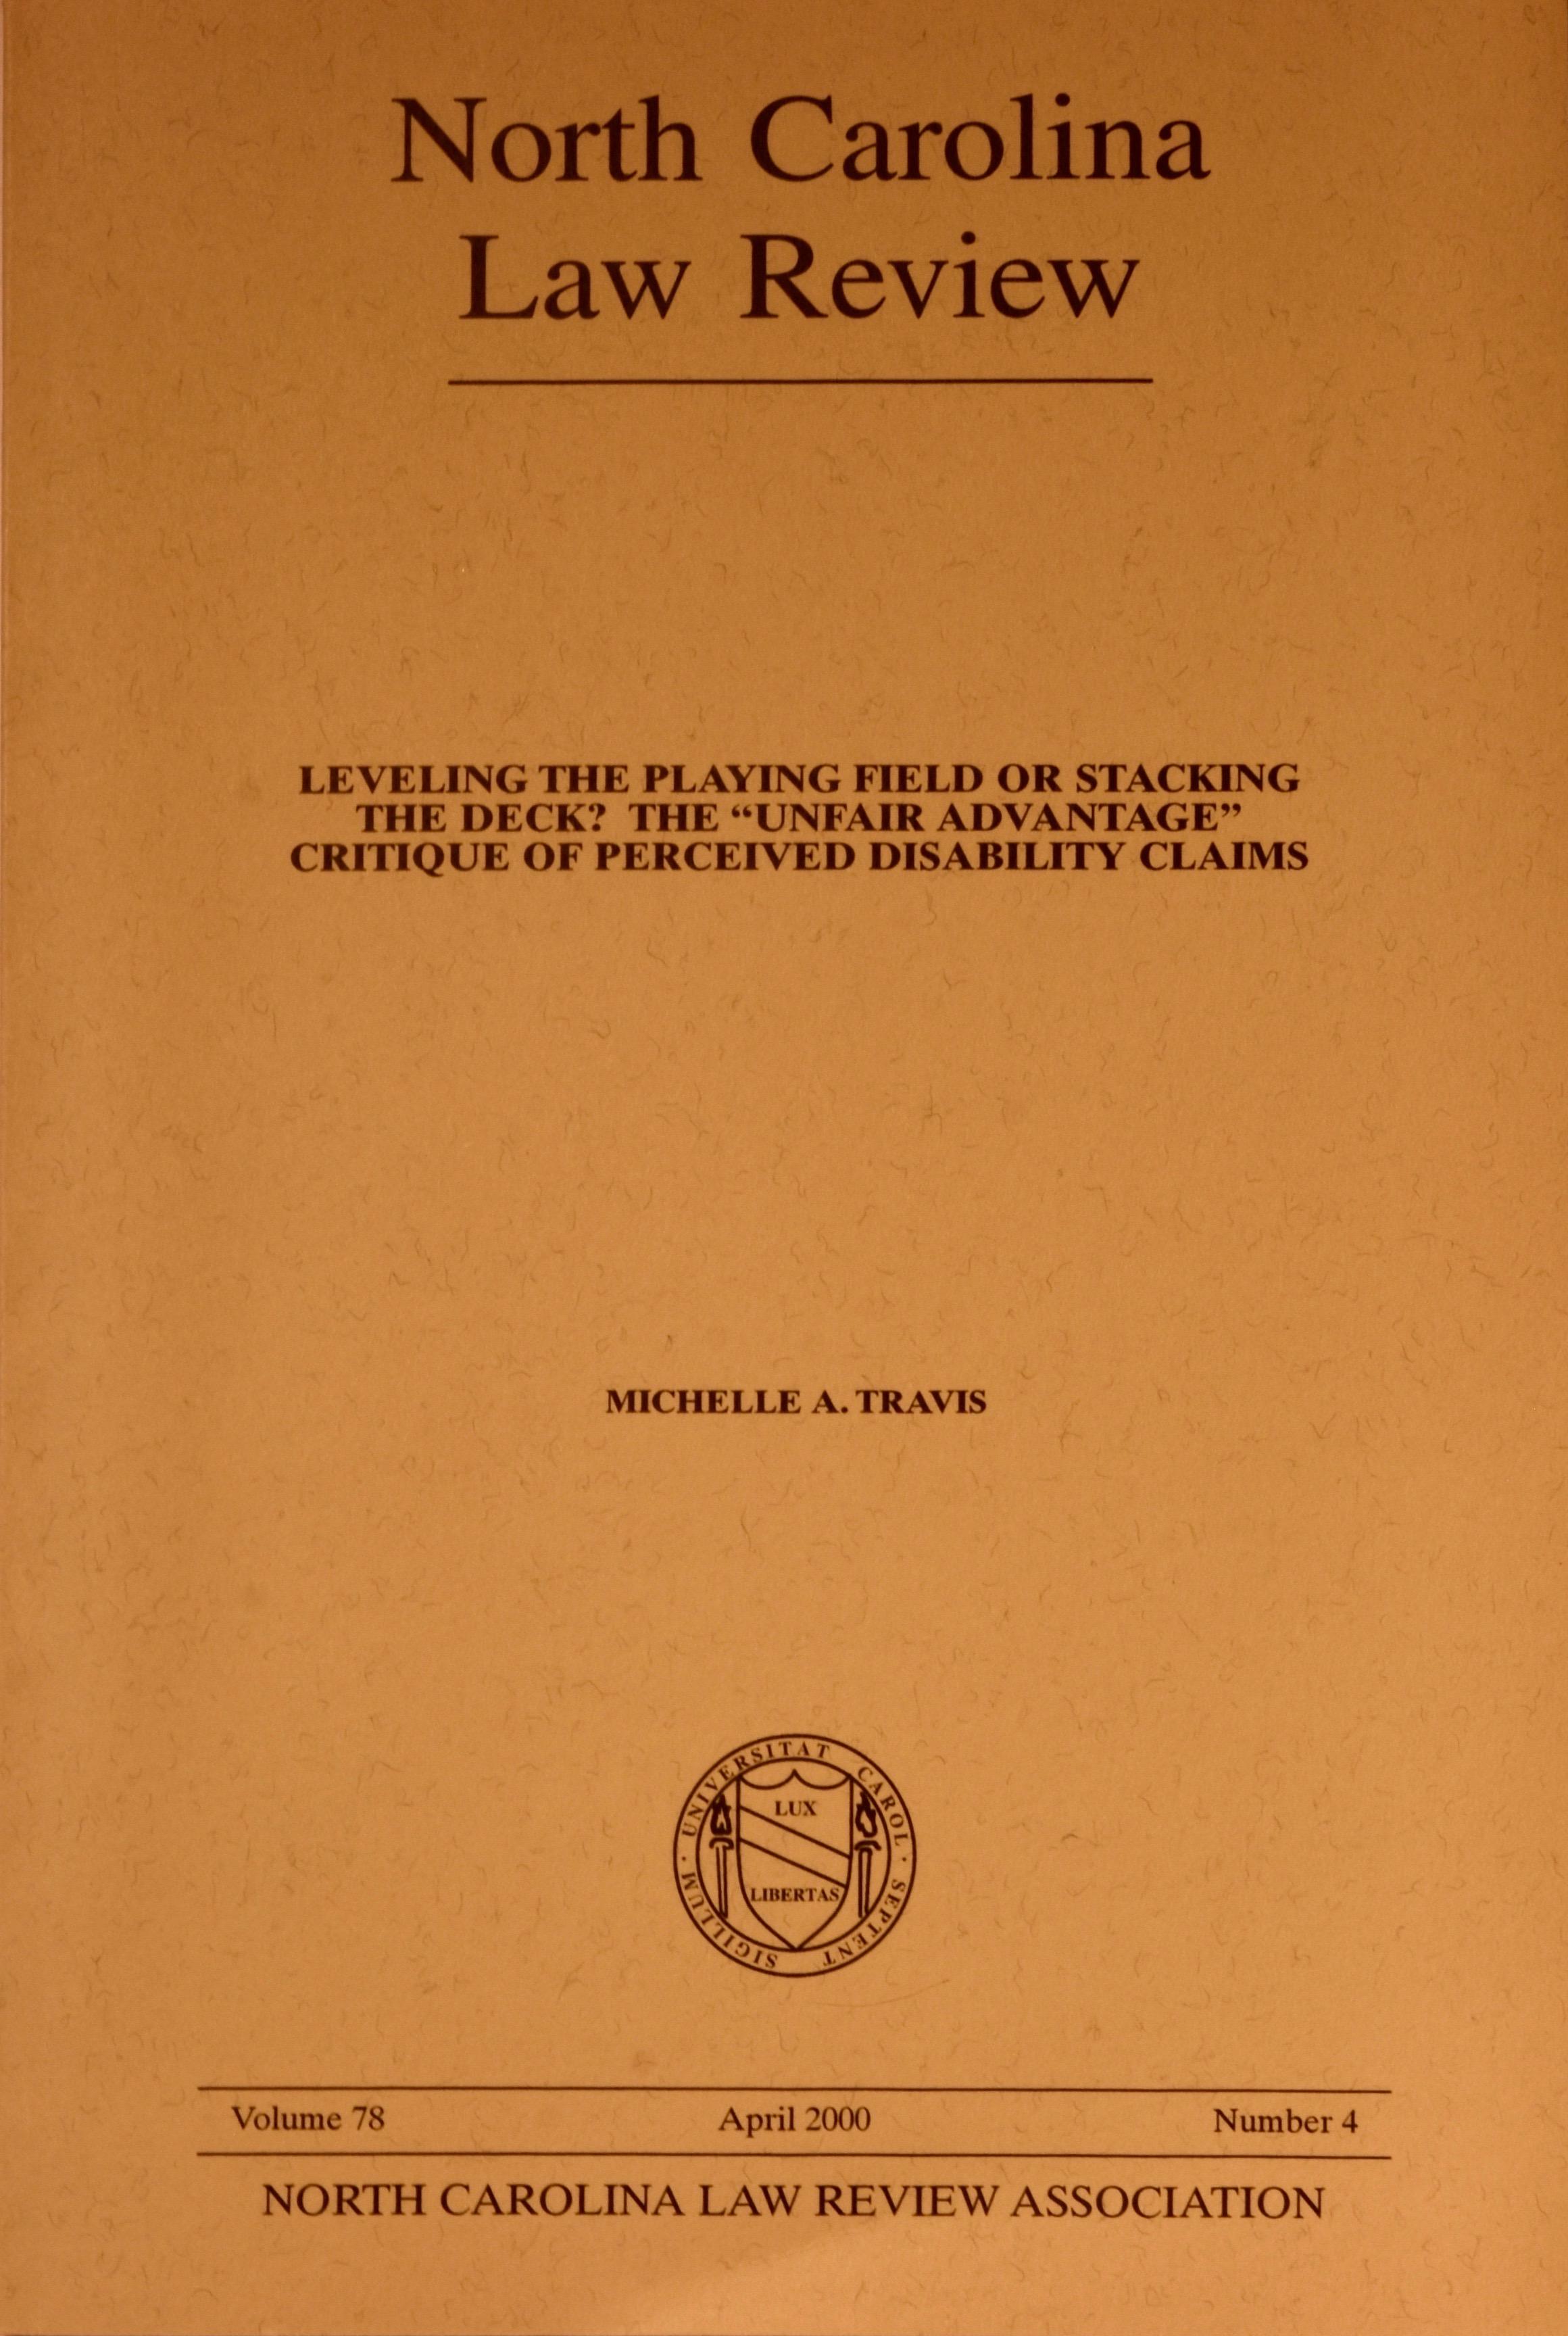 North Carolina Law Review